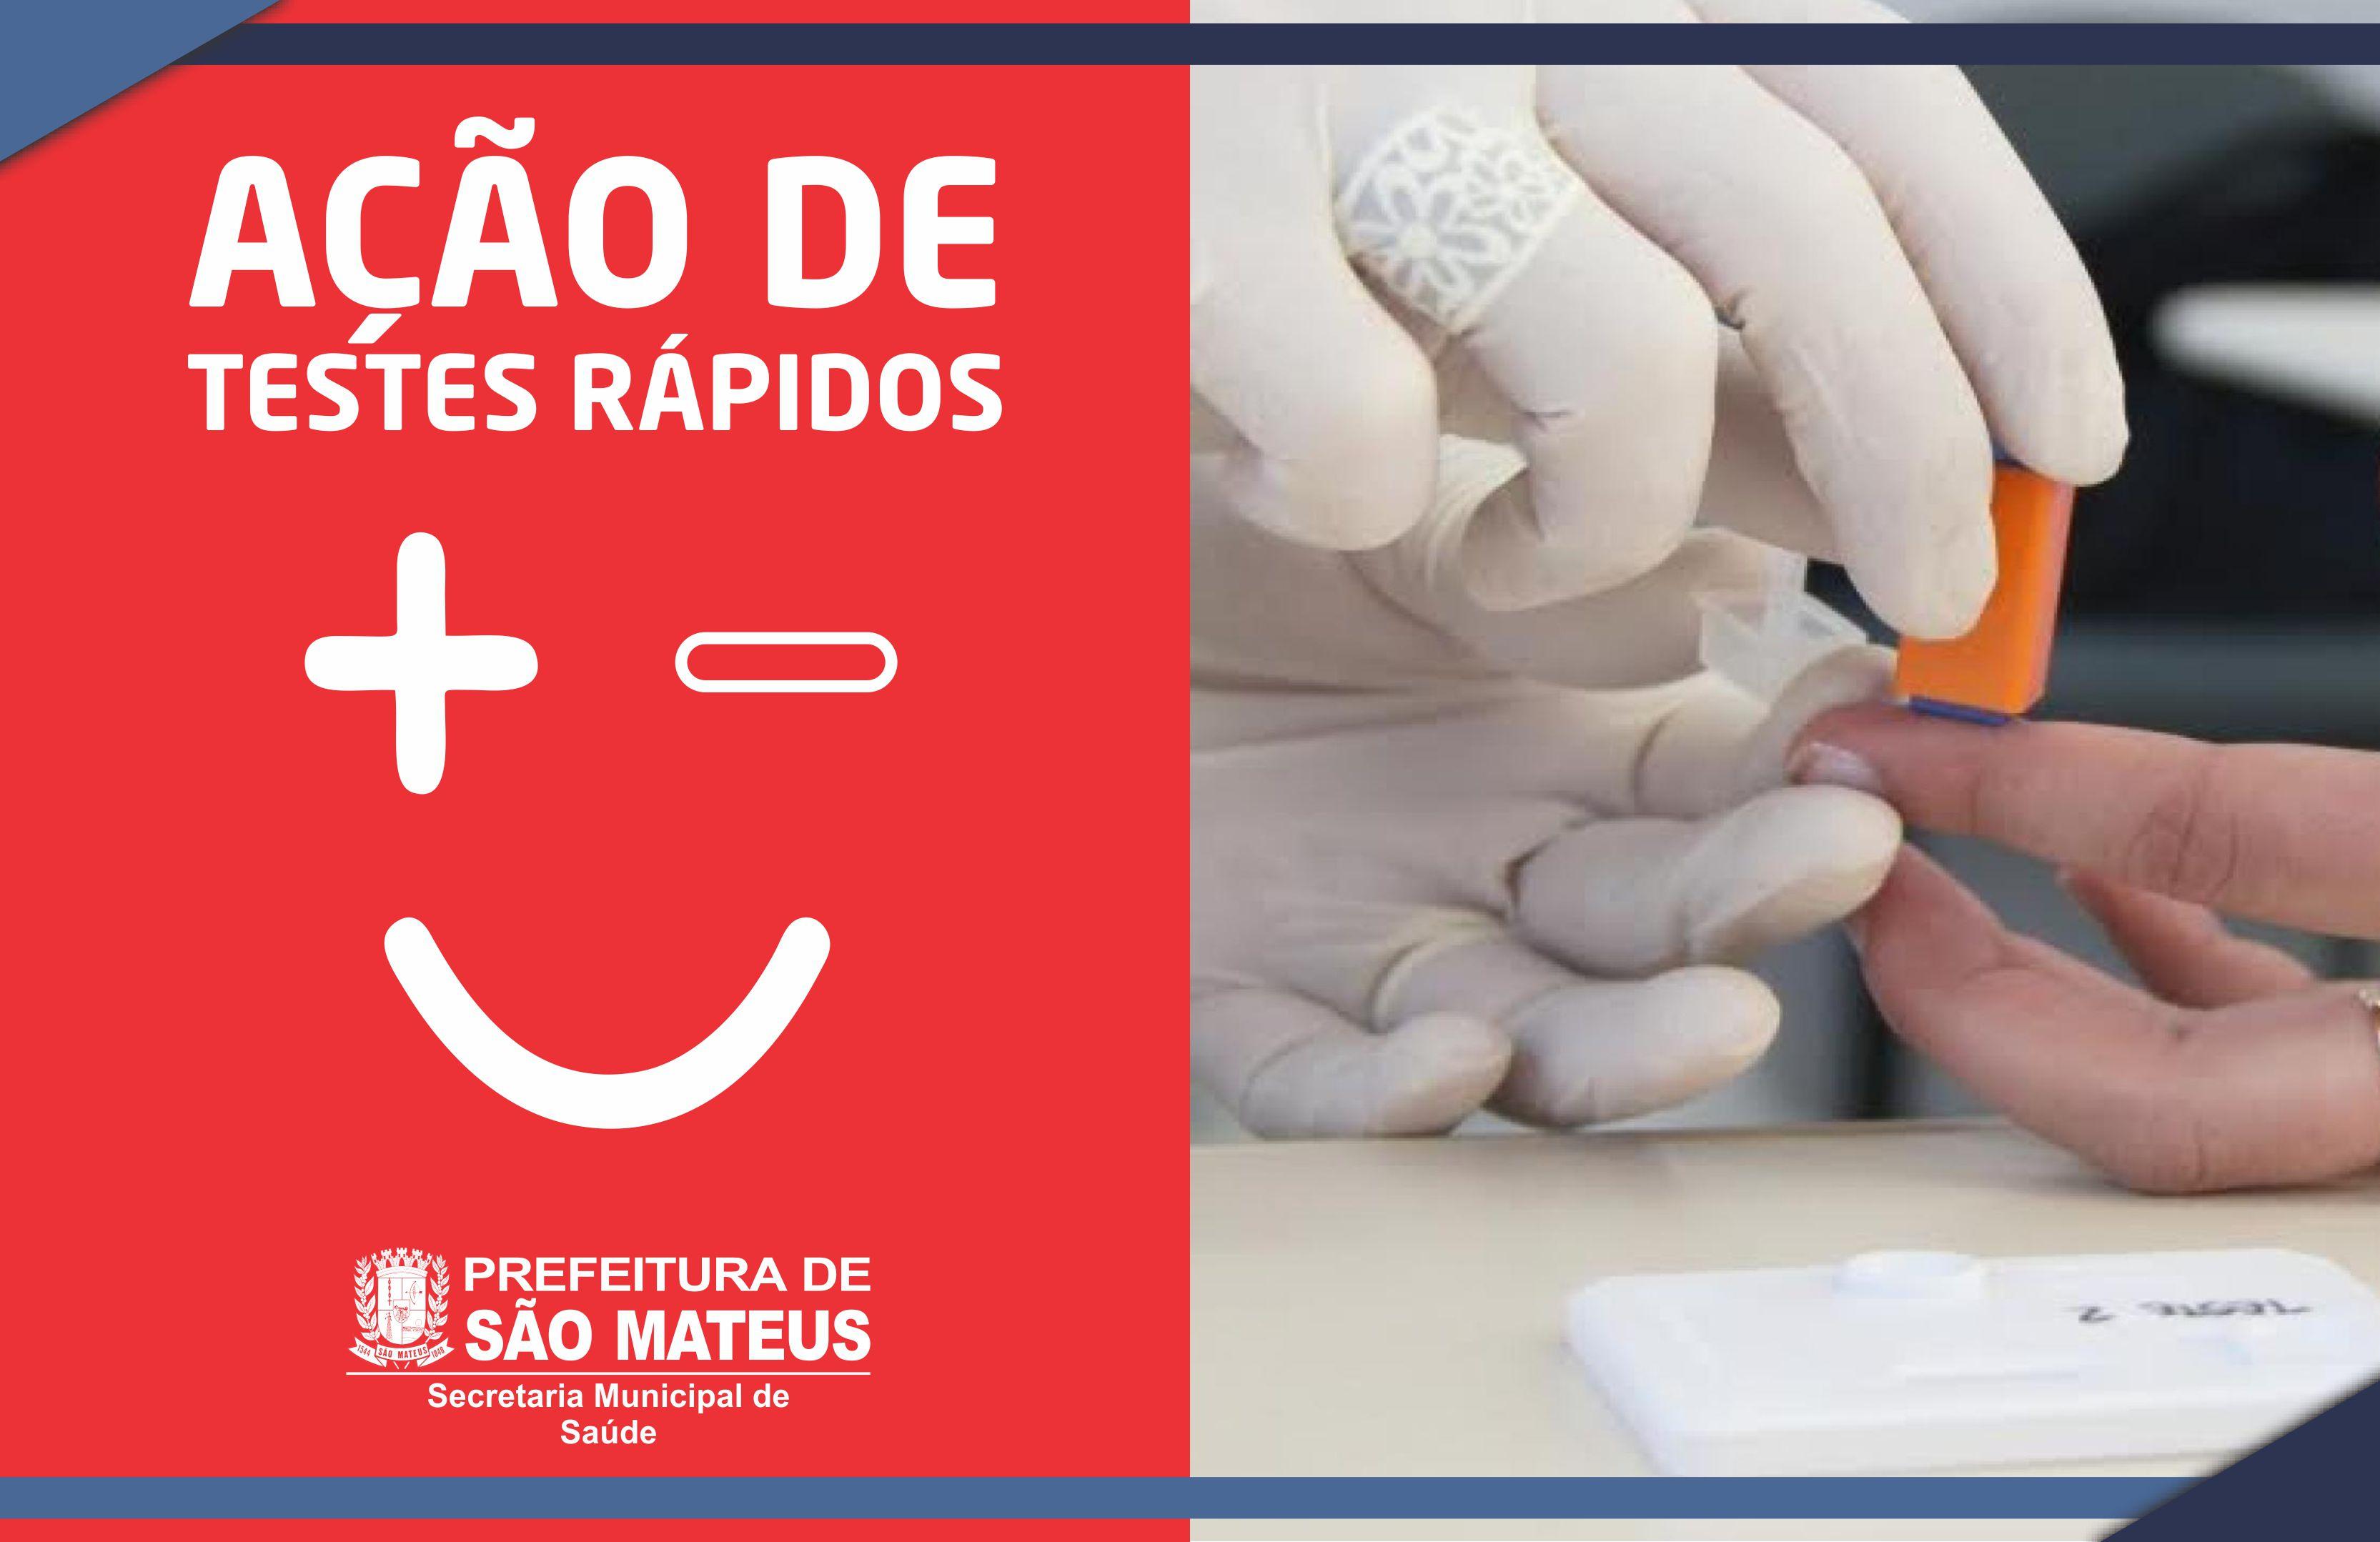 SAÚDE: PREFEITURA PROMOVE AÇÃO DE TESTES RÁPIDOS NO BAIRRO BOA VISTA